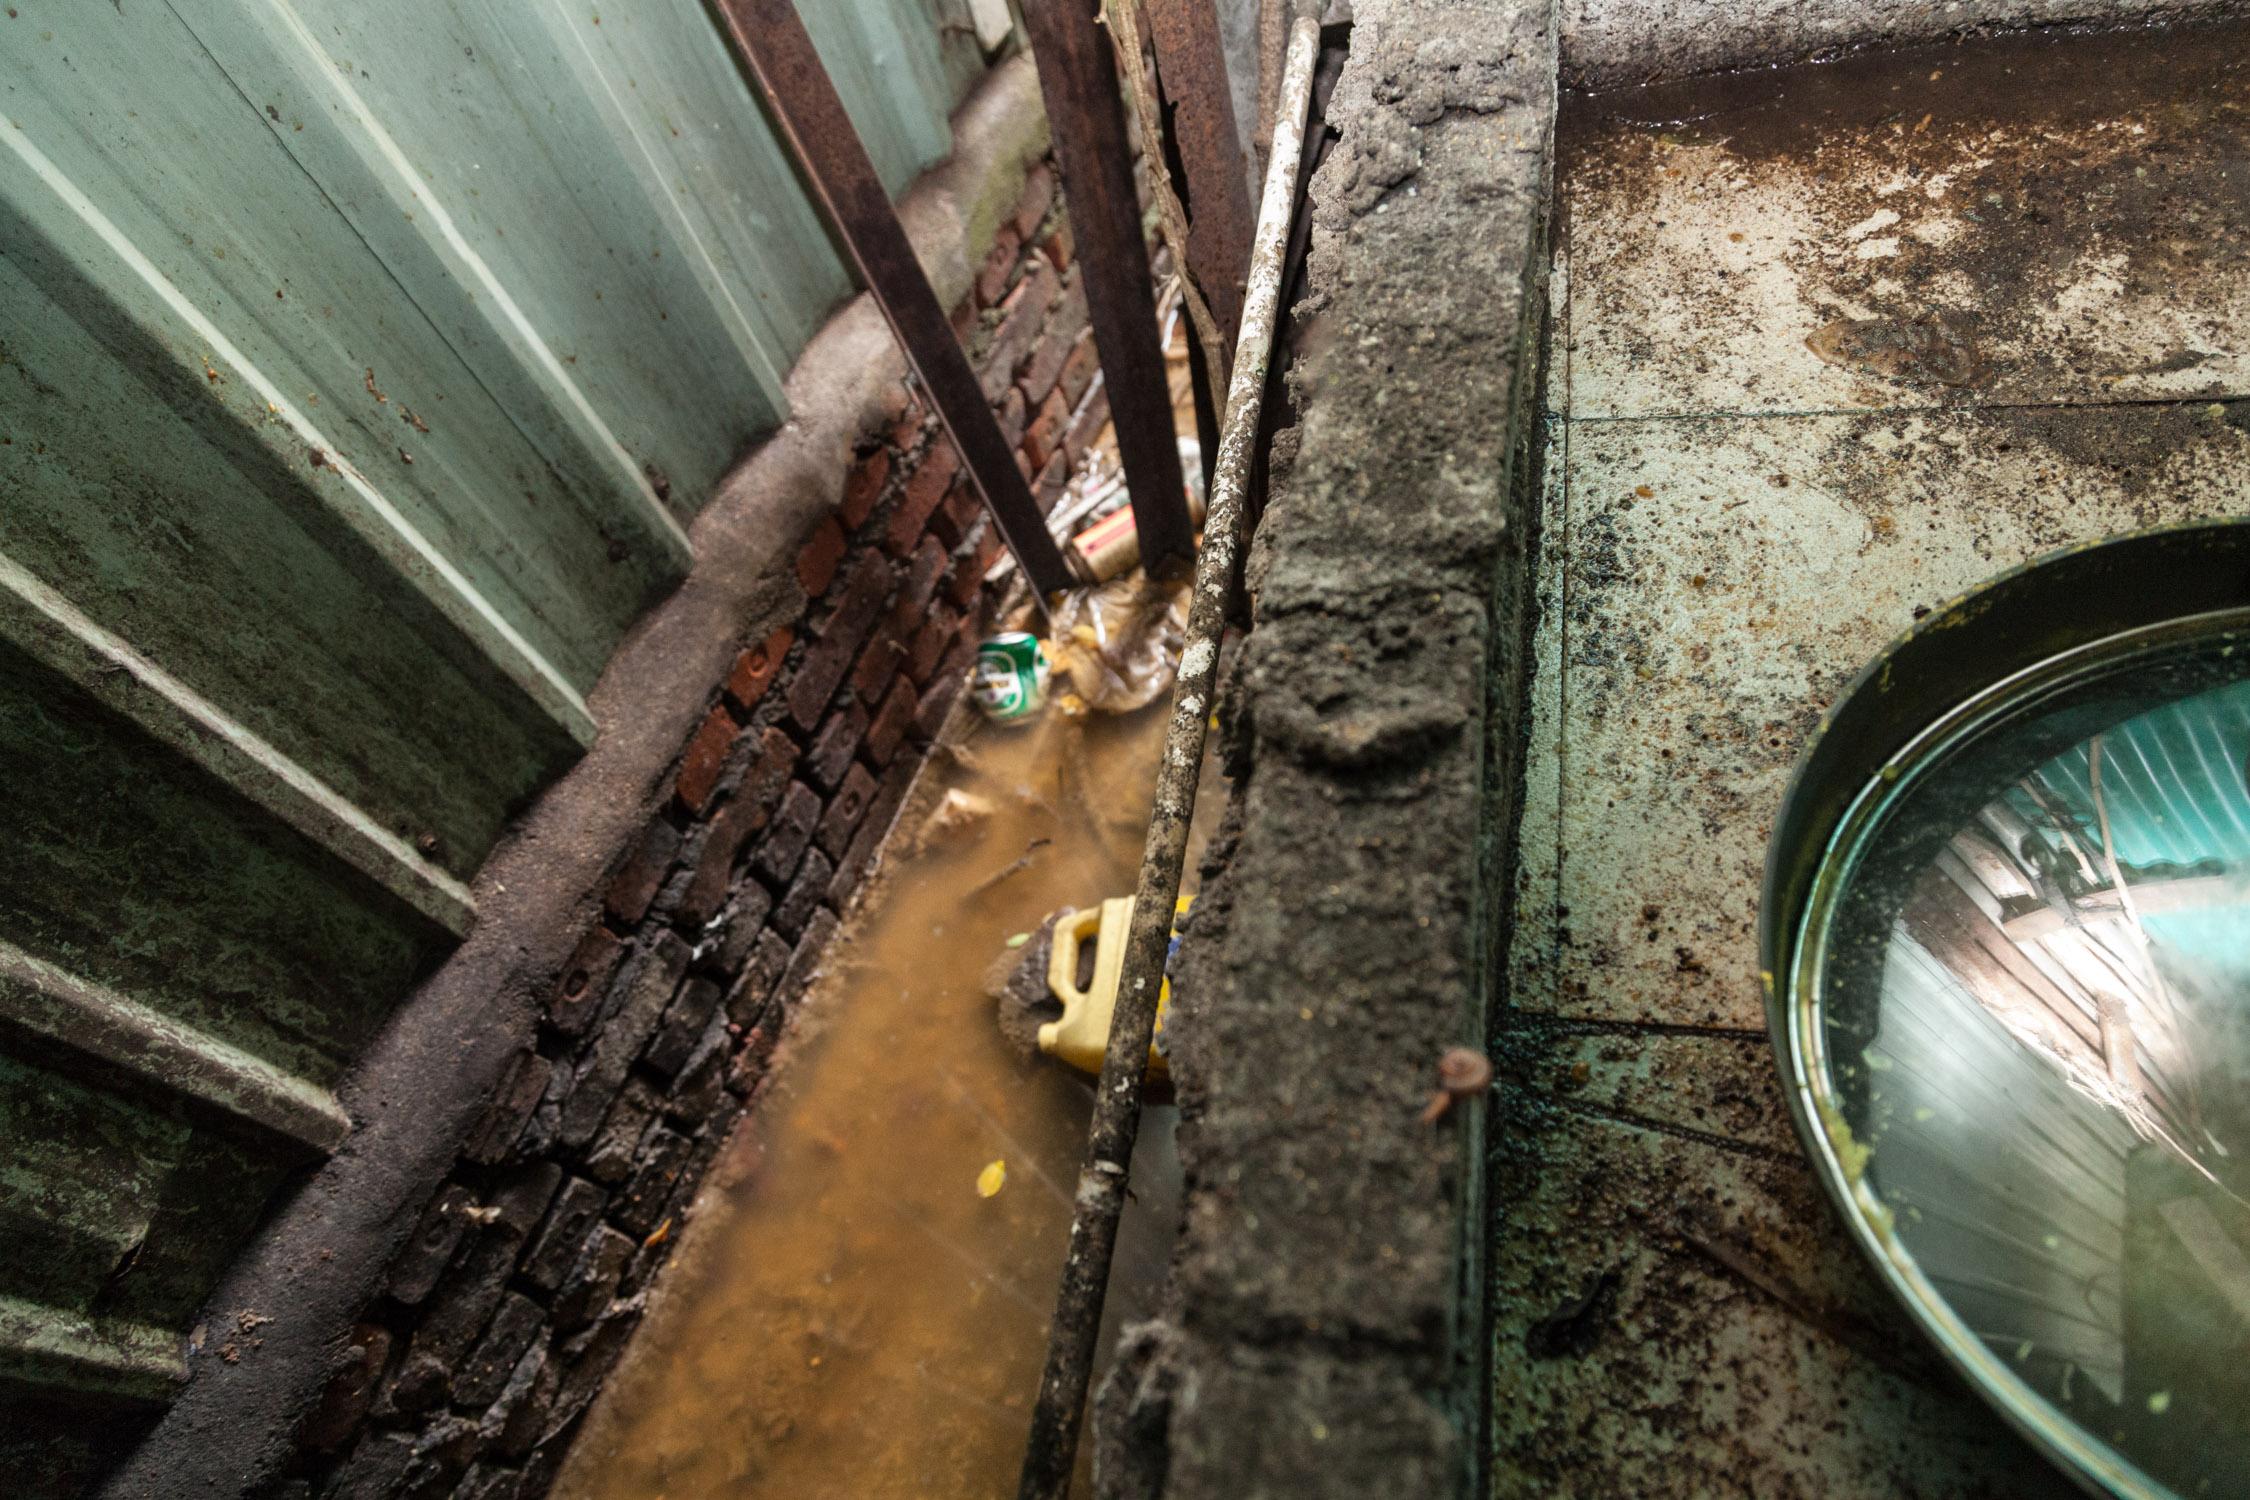 洗手間並沒有排污系統而且糞便淤塞於露天的渠道, 洗手間又與廚房為鄰, 衛生環境相當惡劣, 而廚房簡直是在一個細菌滋生的溫床, 在這地方煮食難怪有數名難民生病